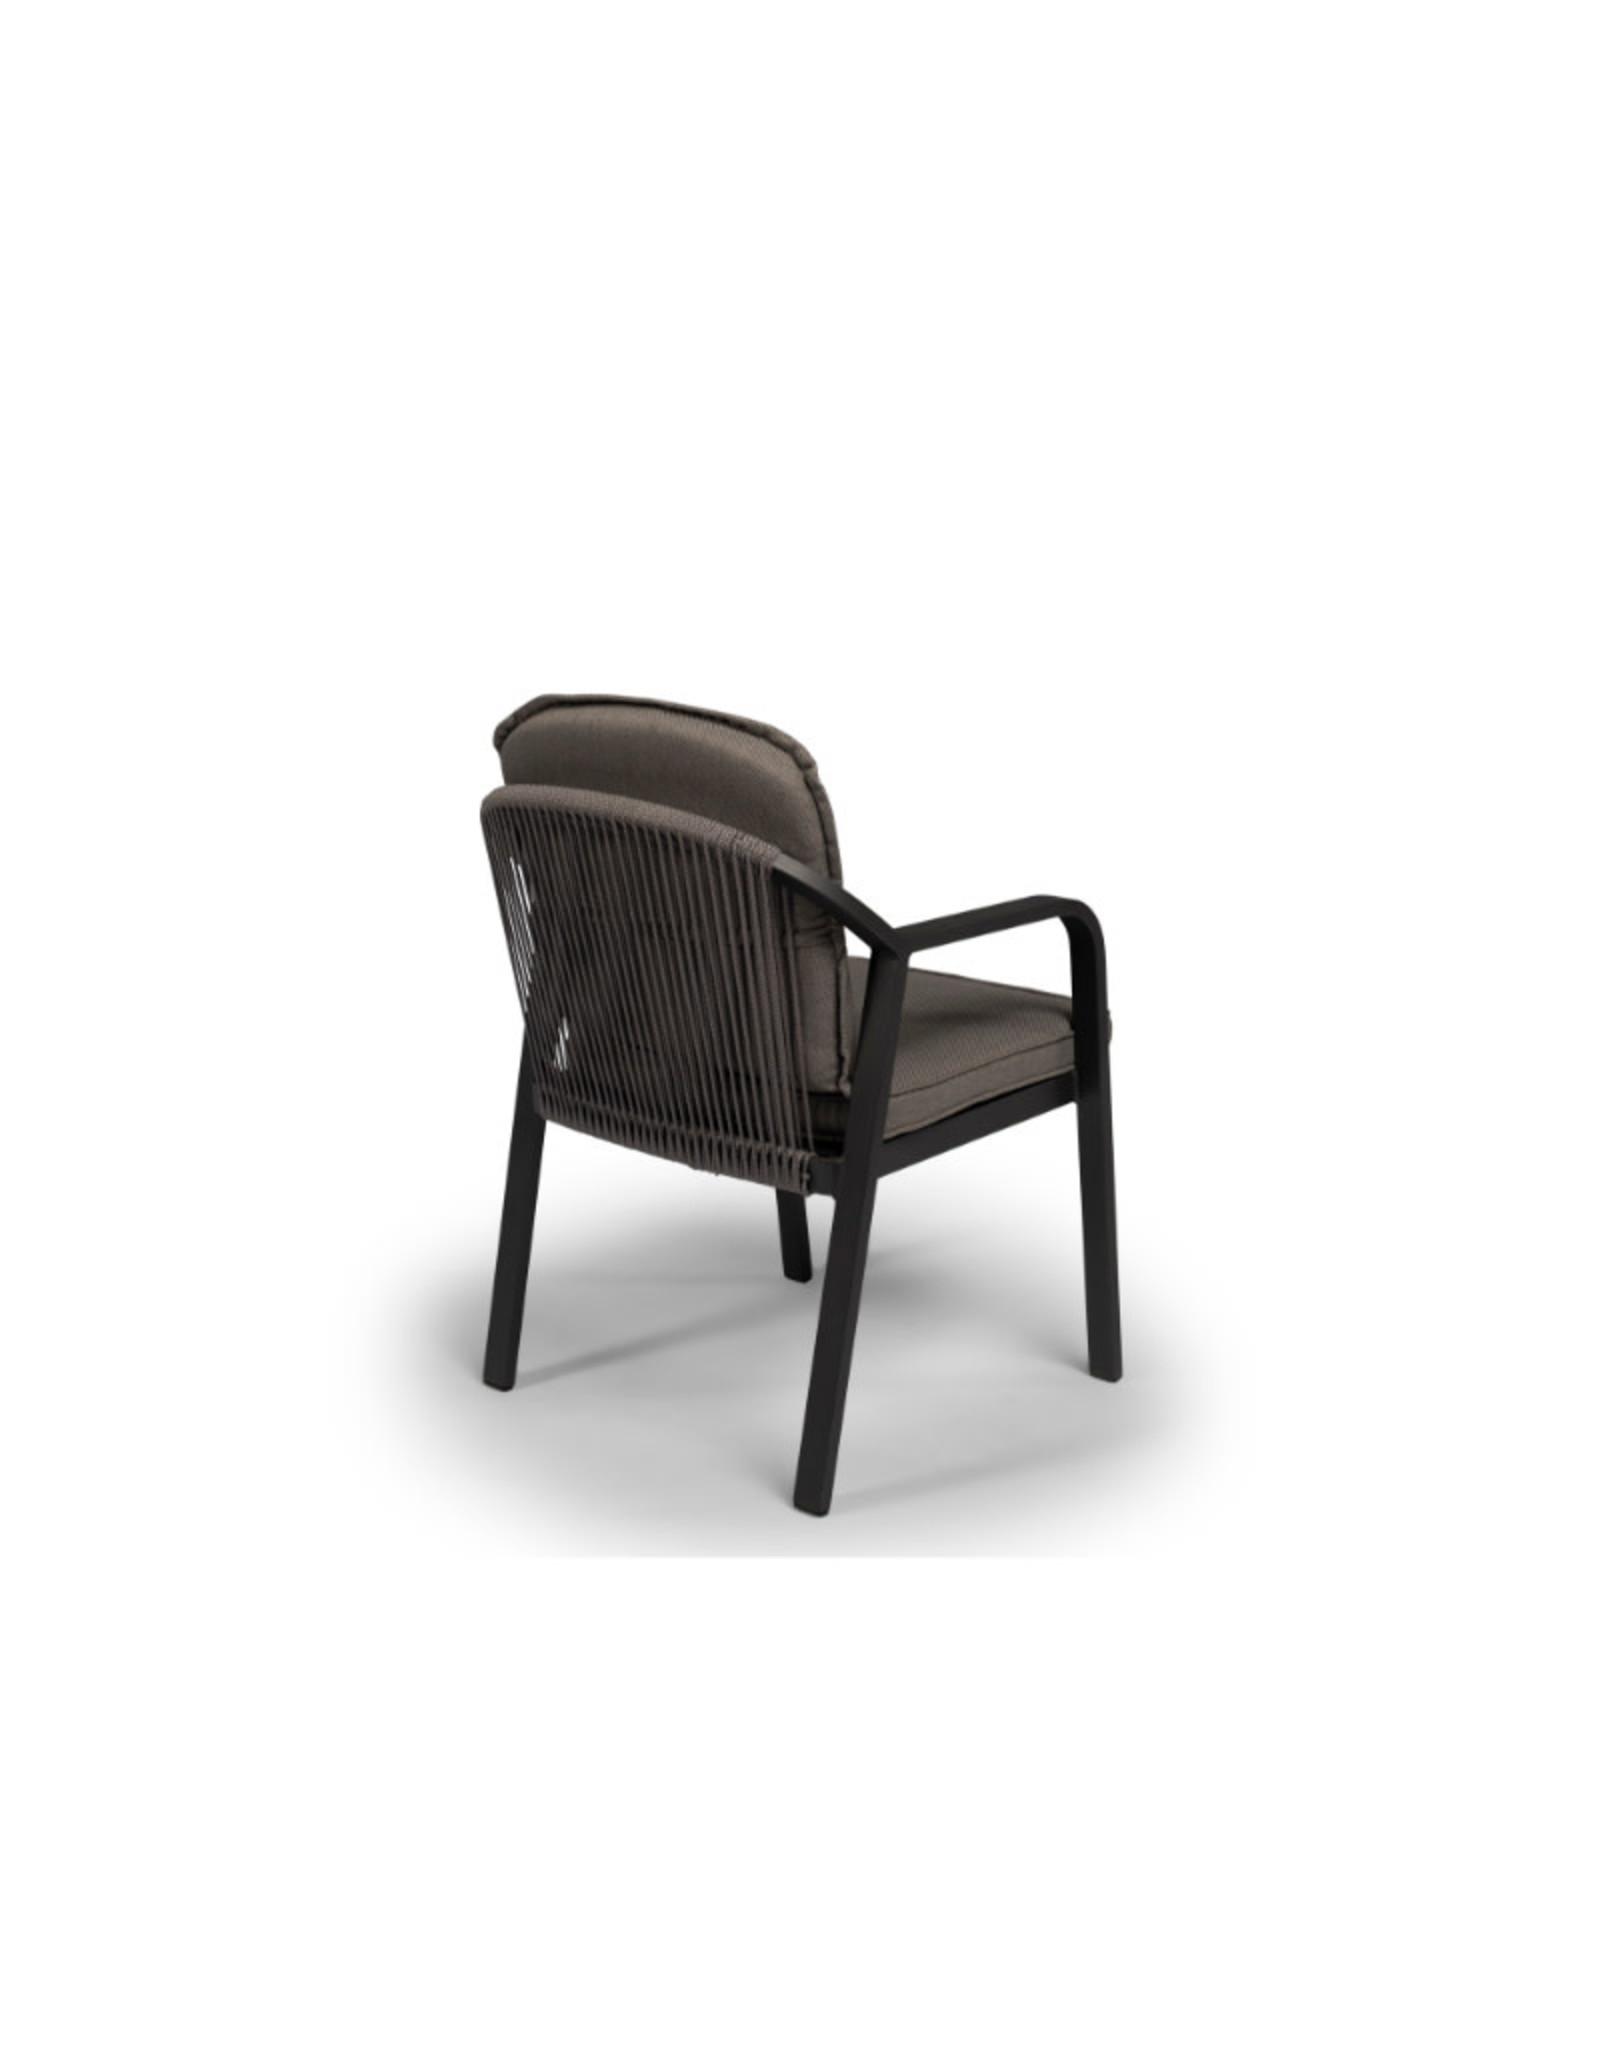 Tierra Outdoor Tierra Outdoor Pep Dining Chair Charcoal